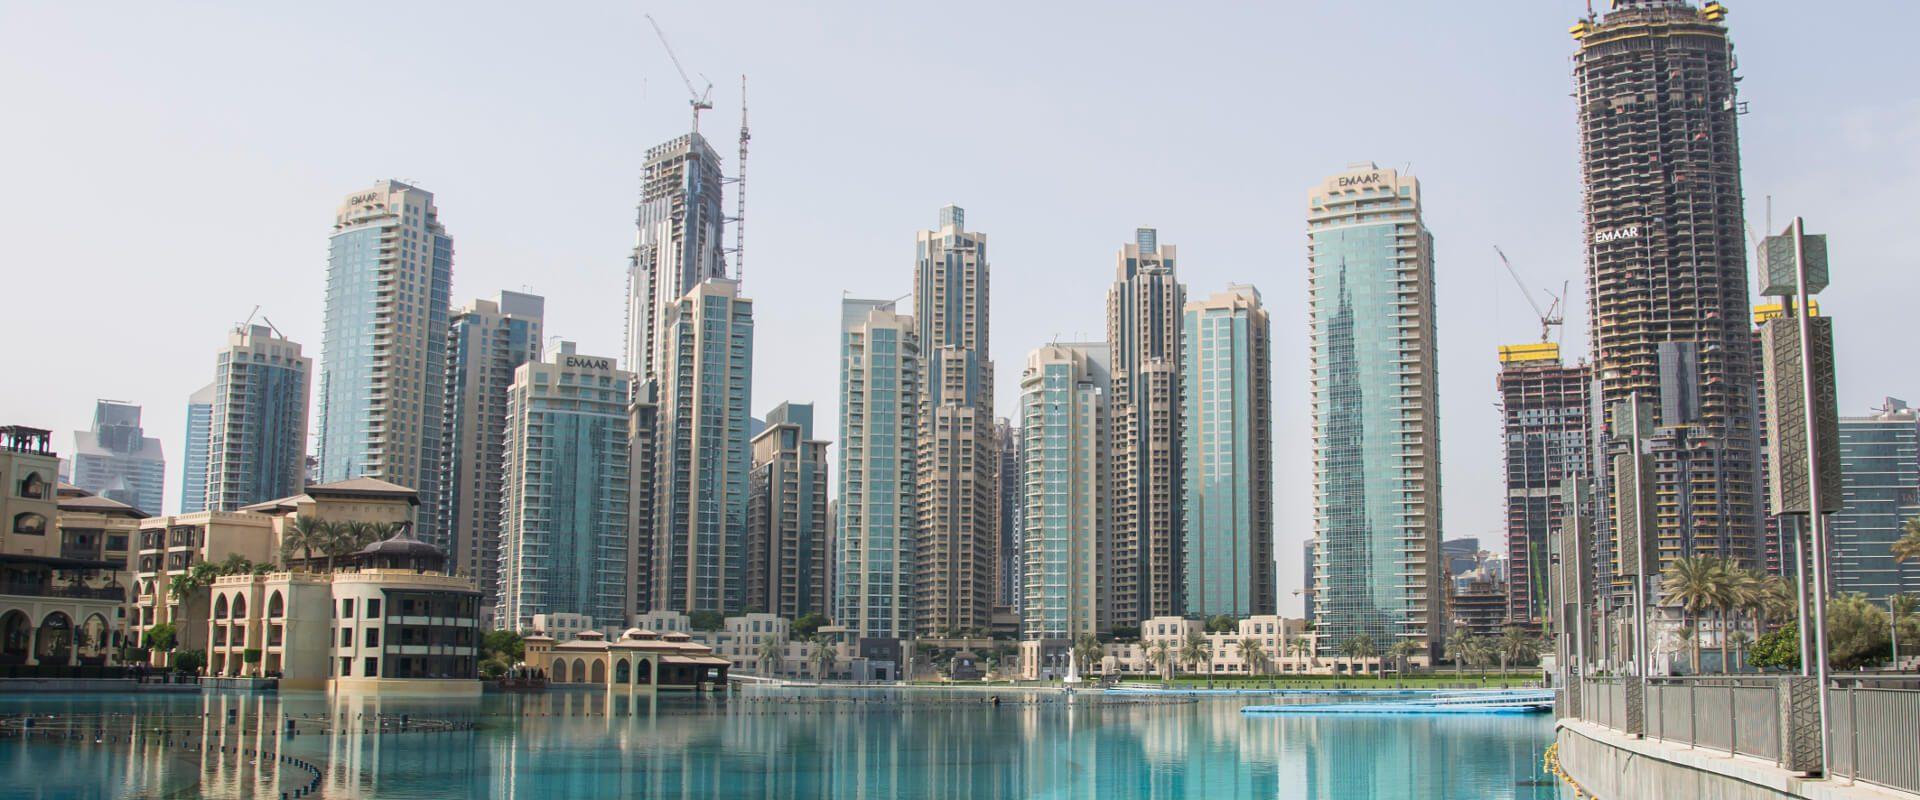 Dubaj – wszystko, co warto wiedzieć przed podróżą w 2021 r.